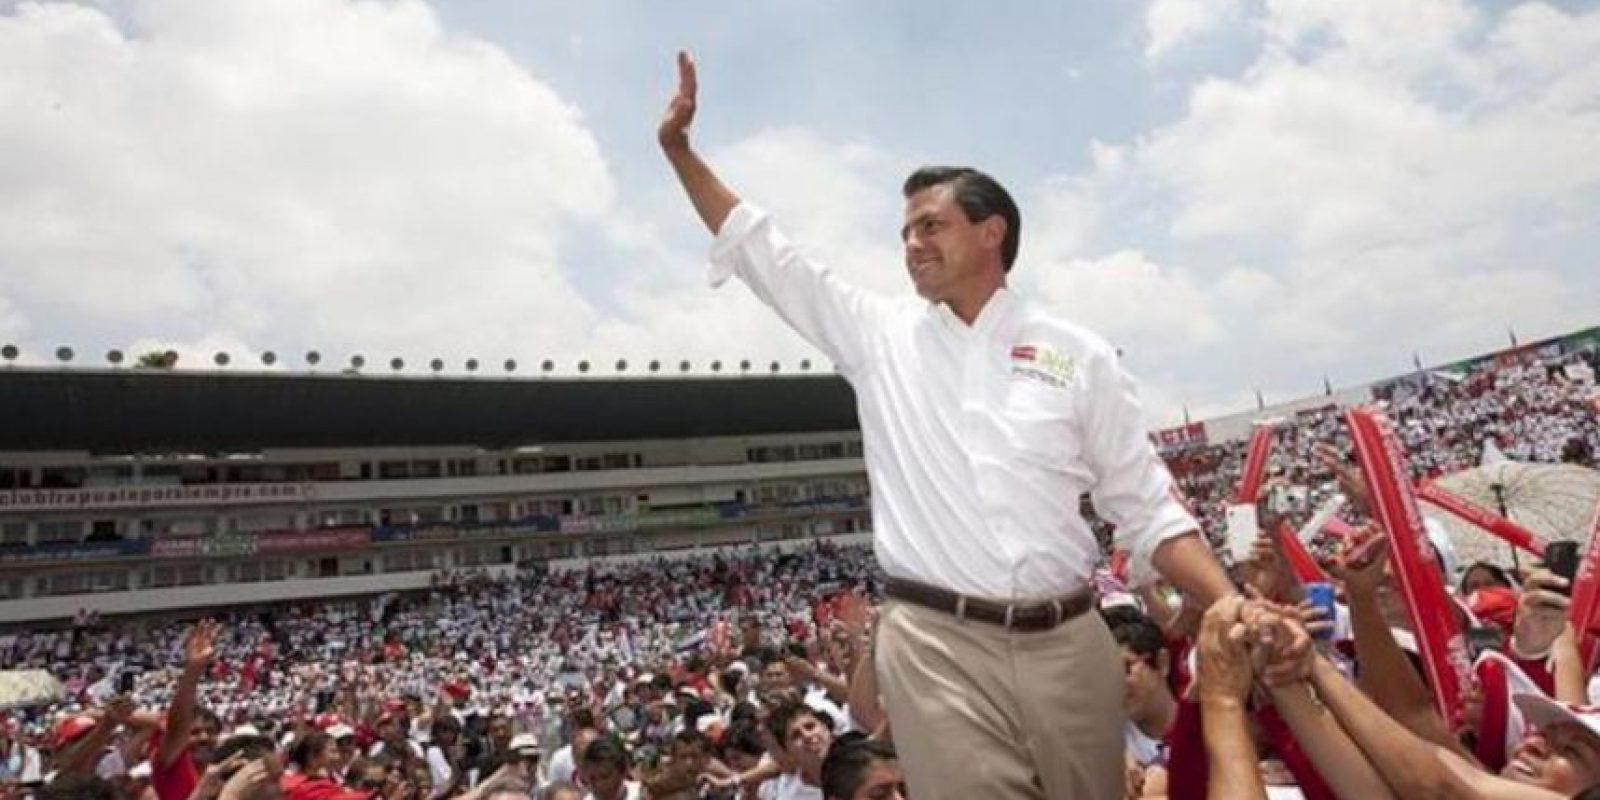 El candidato a la presidencia de México, por el Partido Revolucionario Institucional (PRI), Enrique Peña Nieto. EFE/Archivo